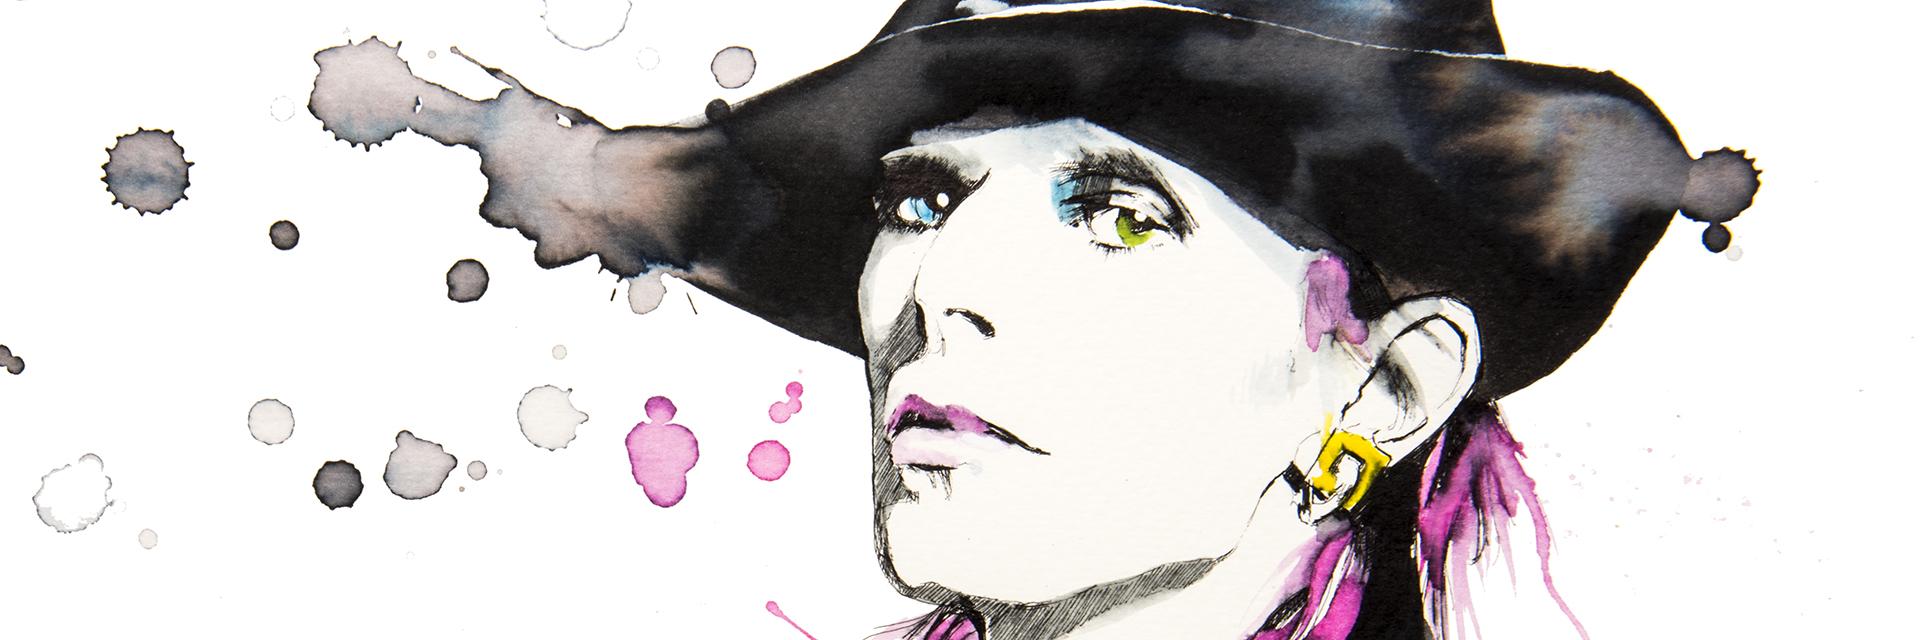 pop art by Federica Masini - David Bowie close up